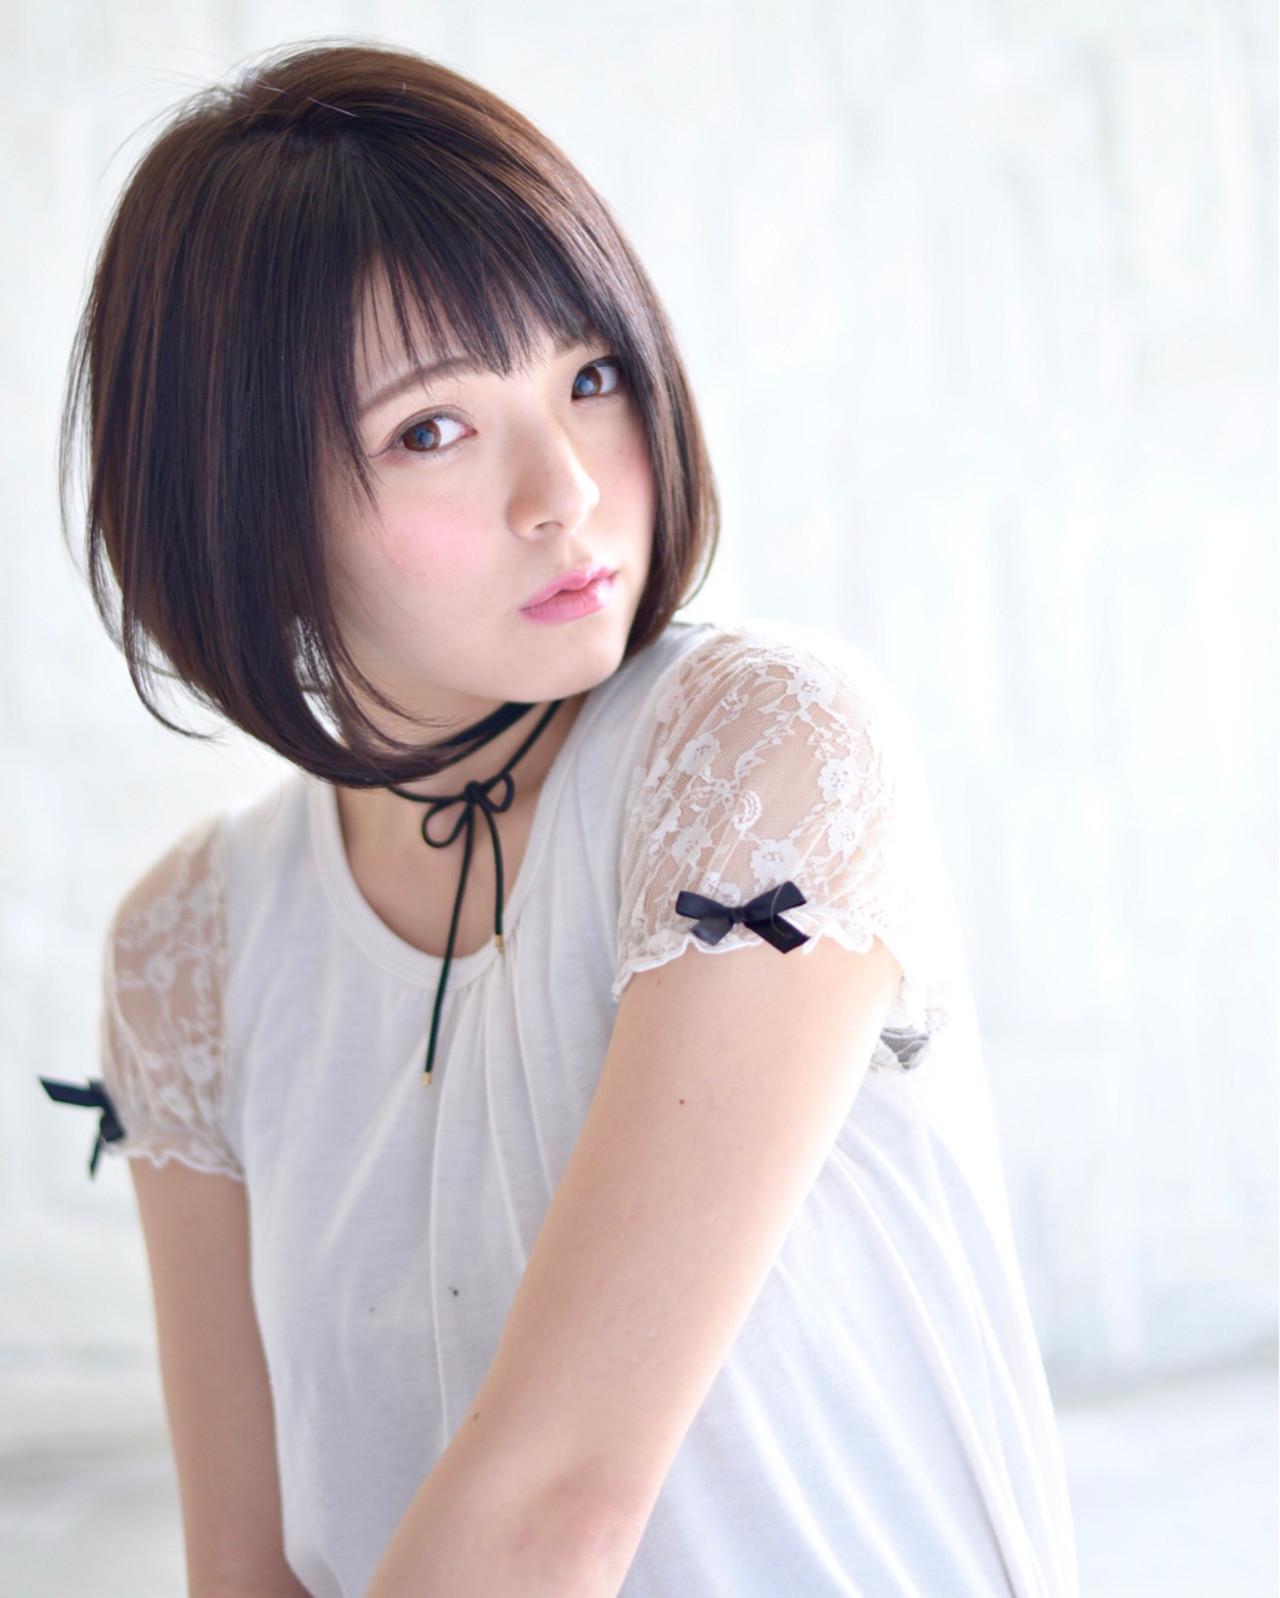 【男子ウケバツグン!】人気の髪型、ストレートヘアに挑戦しよう♡ 中野 裕介